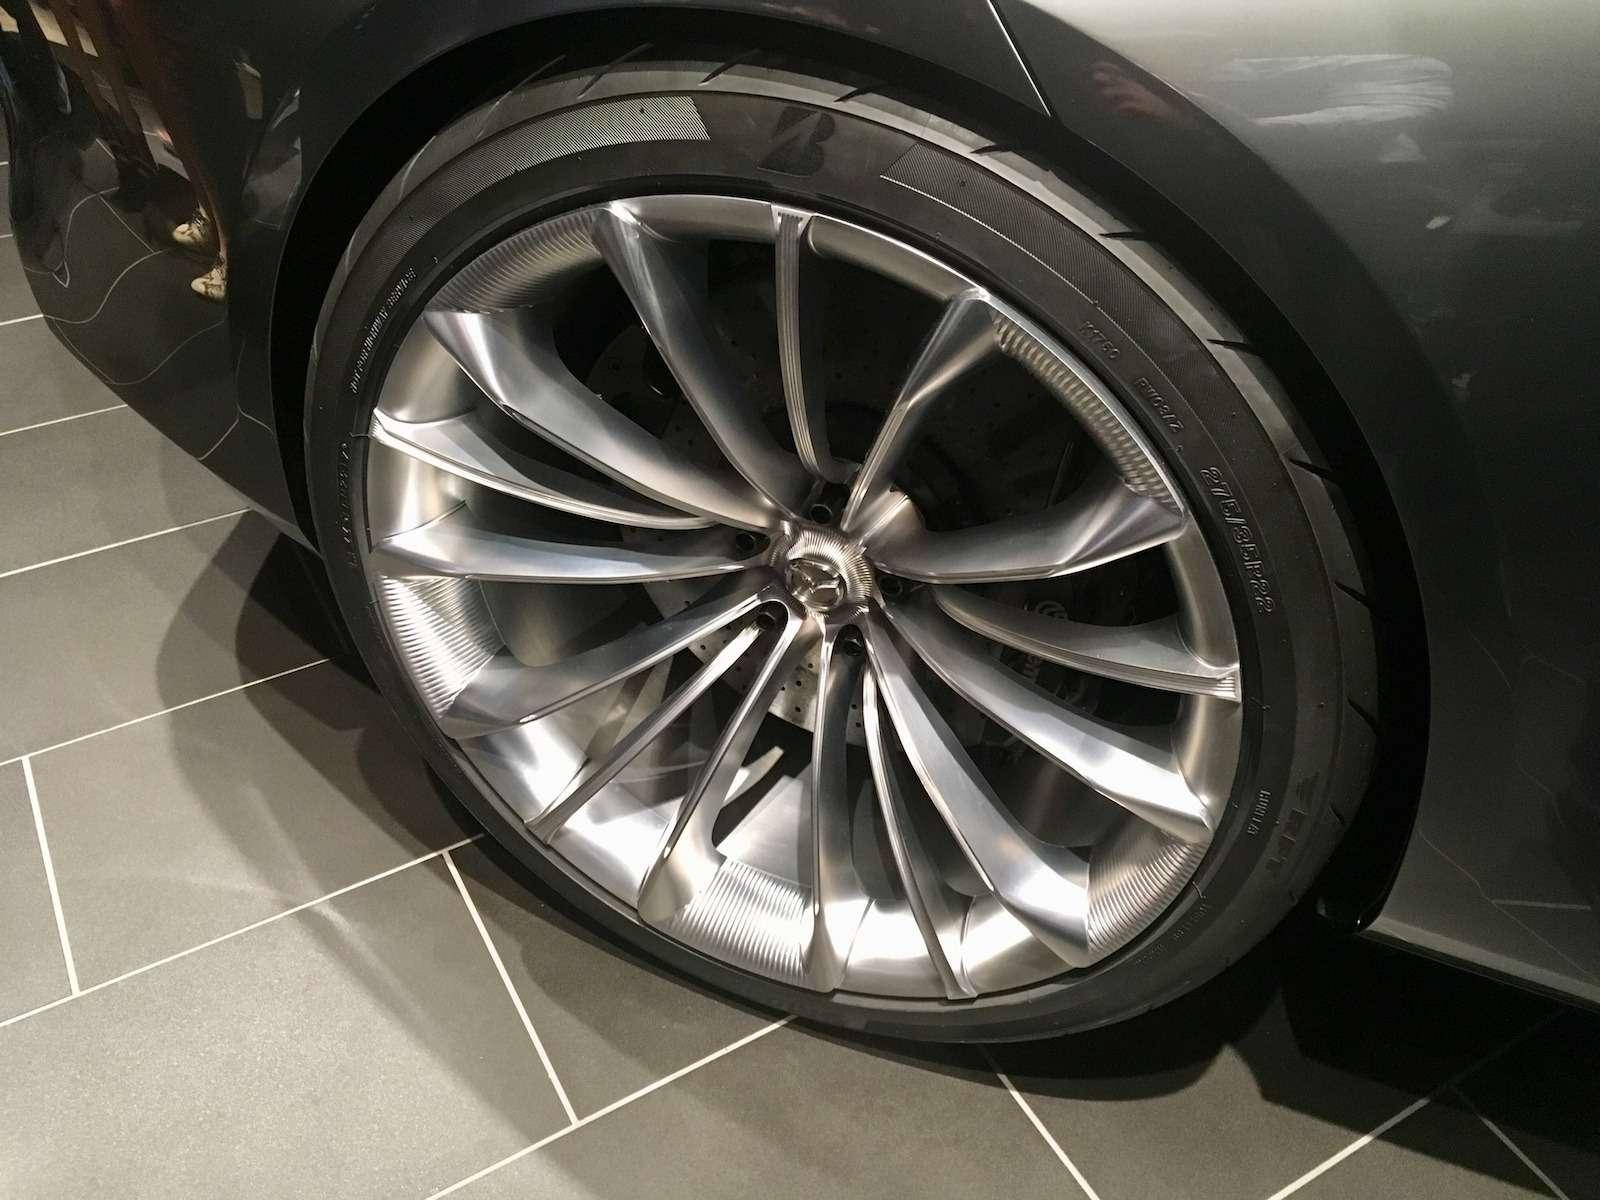 Больше света: Mazda представила обновленную дизайн-концепцию— фото 808879